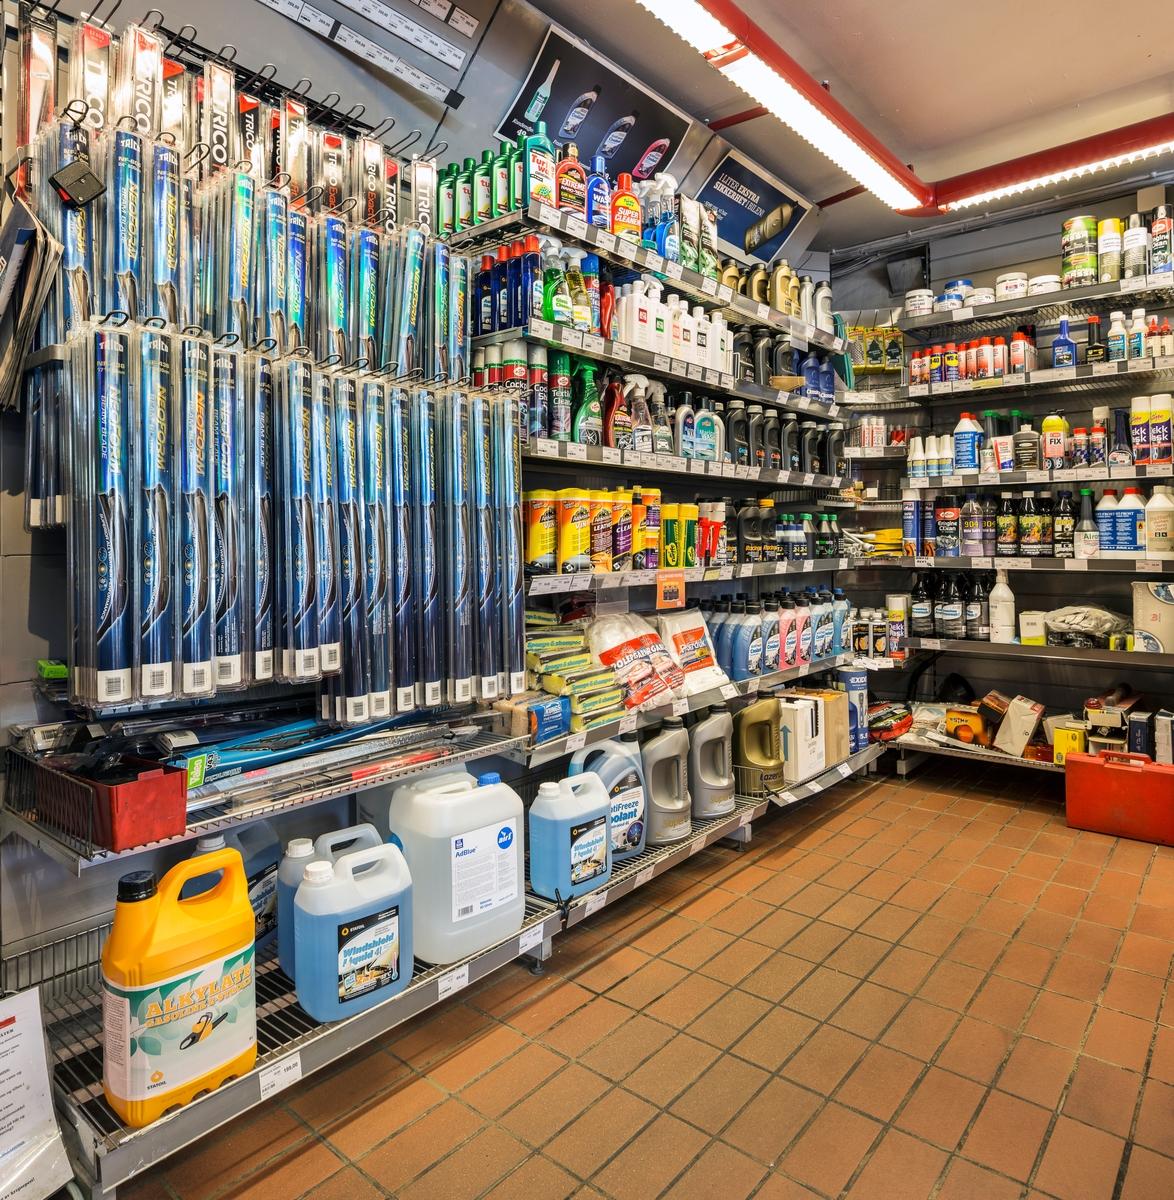 Statoil Hemnes. Butikk inteiør med veggseksjon med vinduviskere. Hyller med bilpleieprodukter, motoroljer og bilrekvisita.